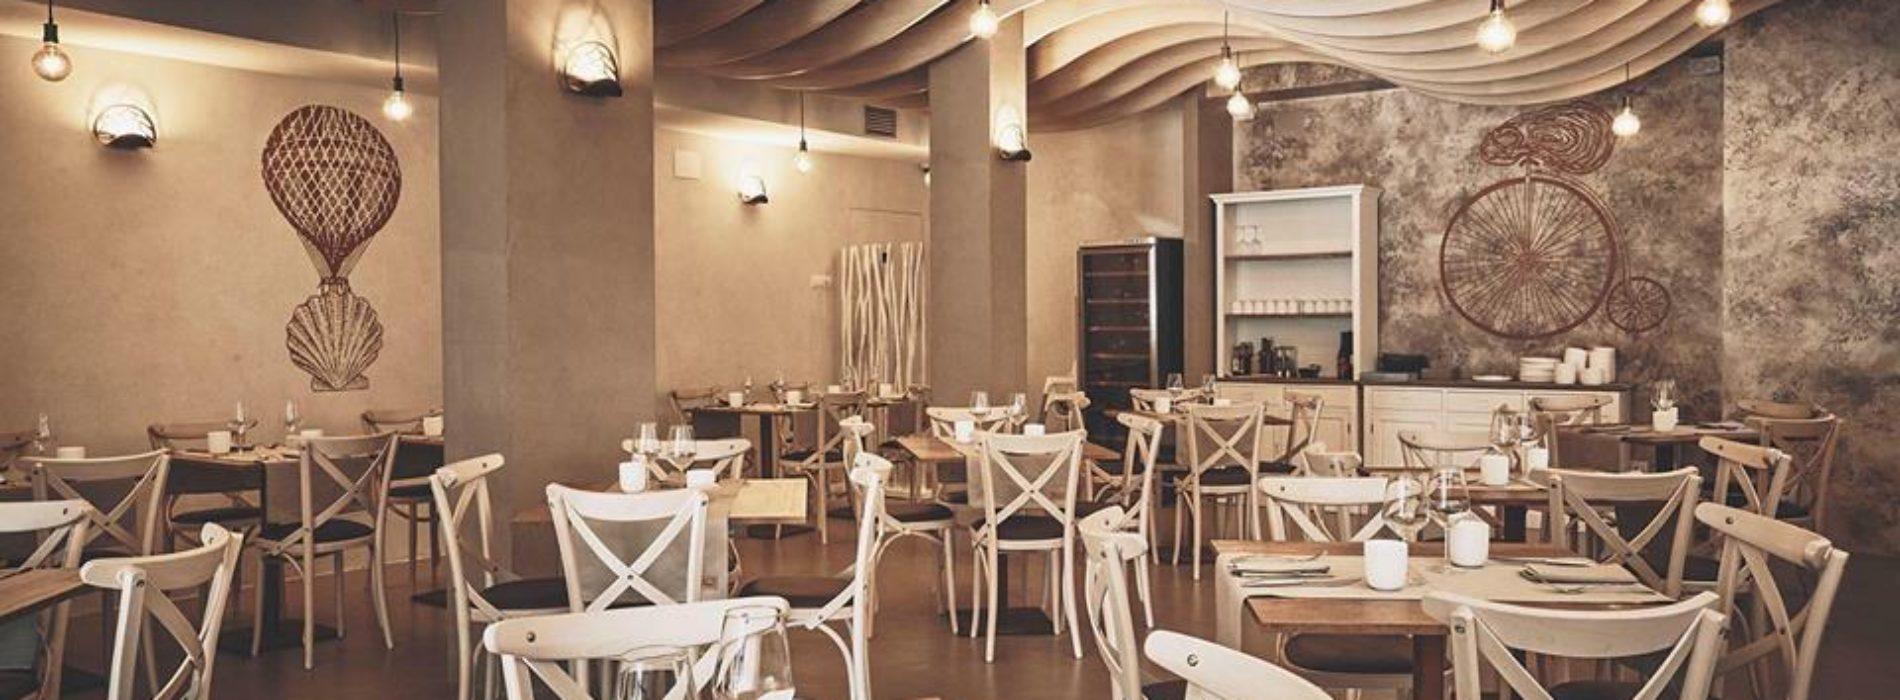 San Valentino Milano 2018, i migliori ristoranti per una cena romantica